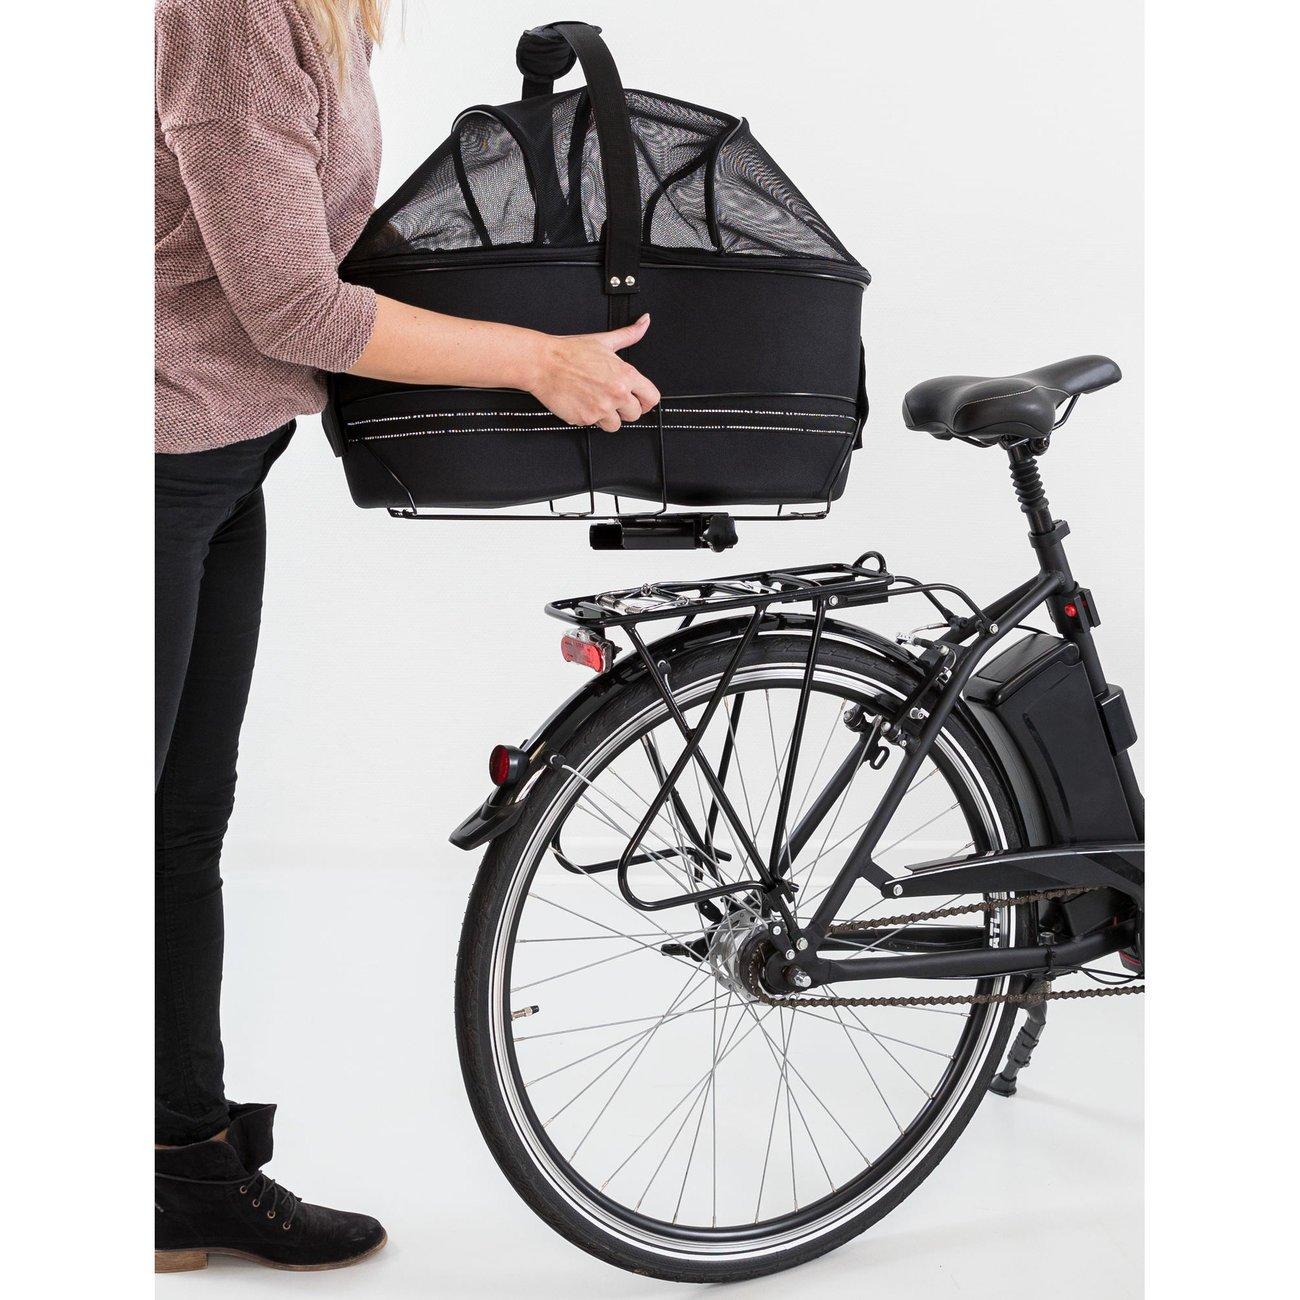 TRIXIE Hunde Fahrradkorb Long für breite Gepäckträger 13110, Bild 14